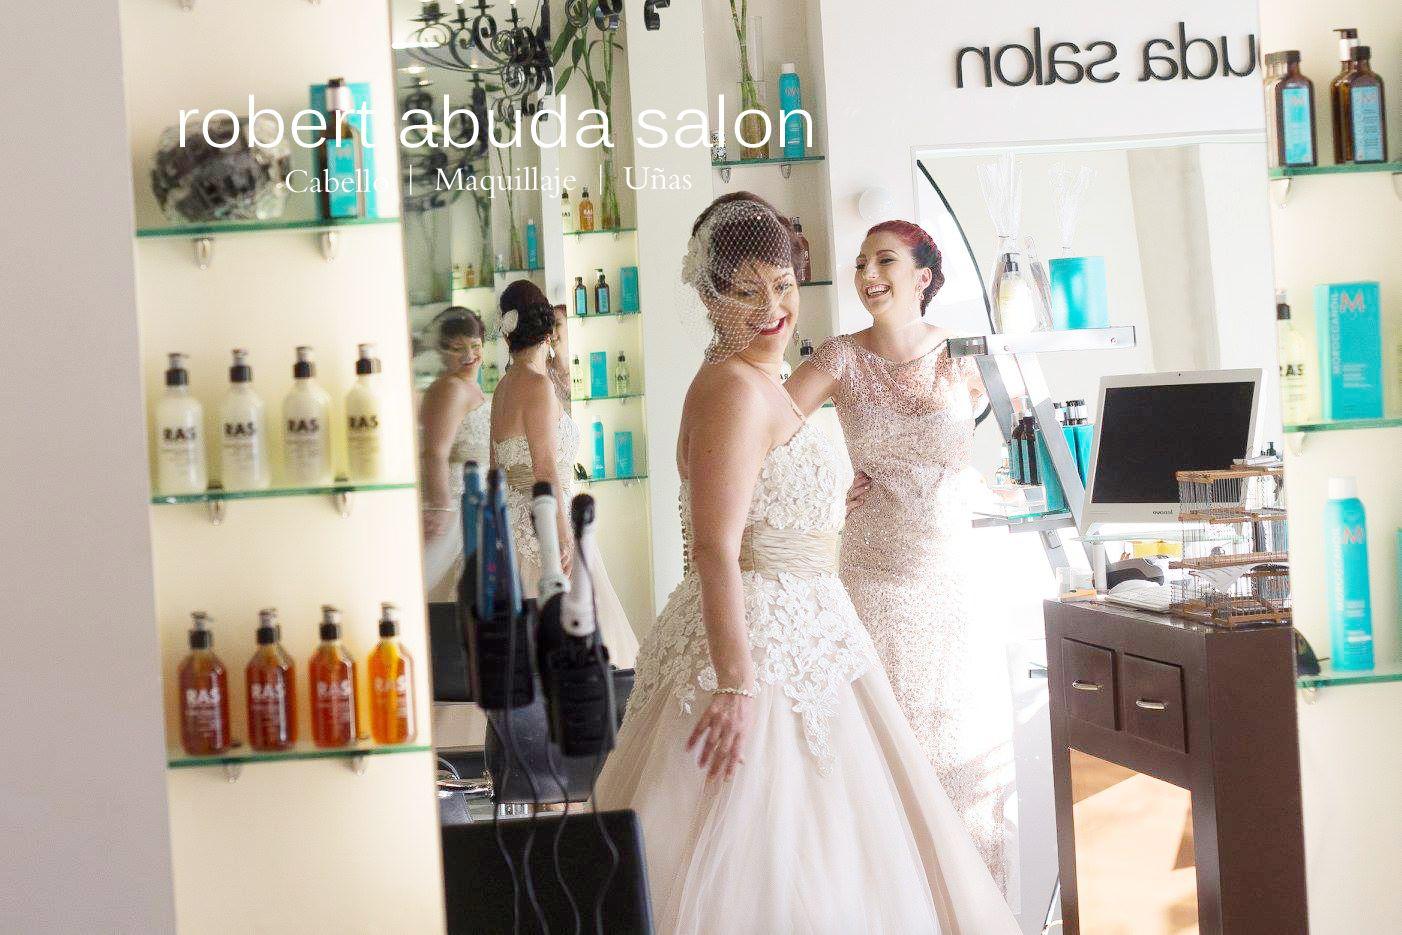 #salon #debelleza #merida #salondebelleza #novias #bodas www.robertabudasalon.com 999 926 3015